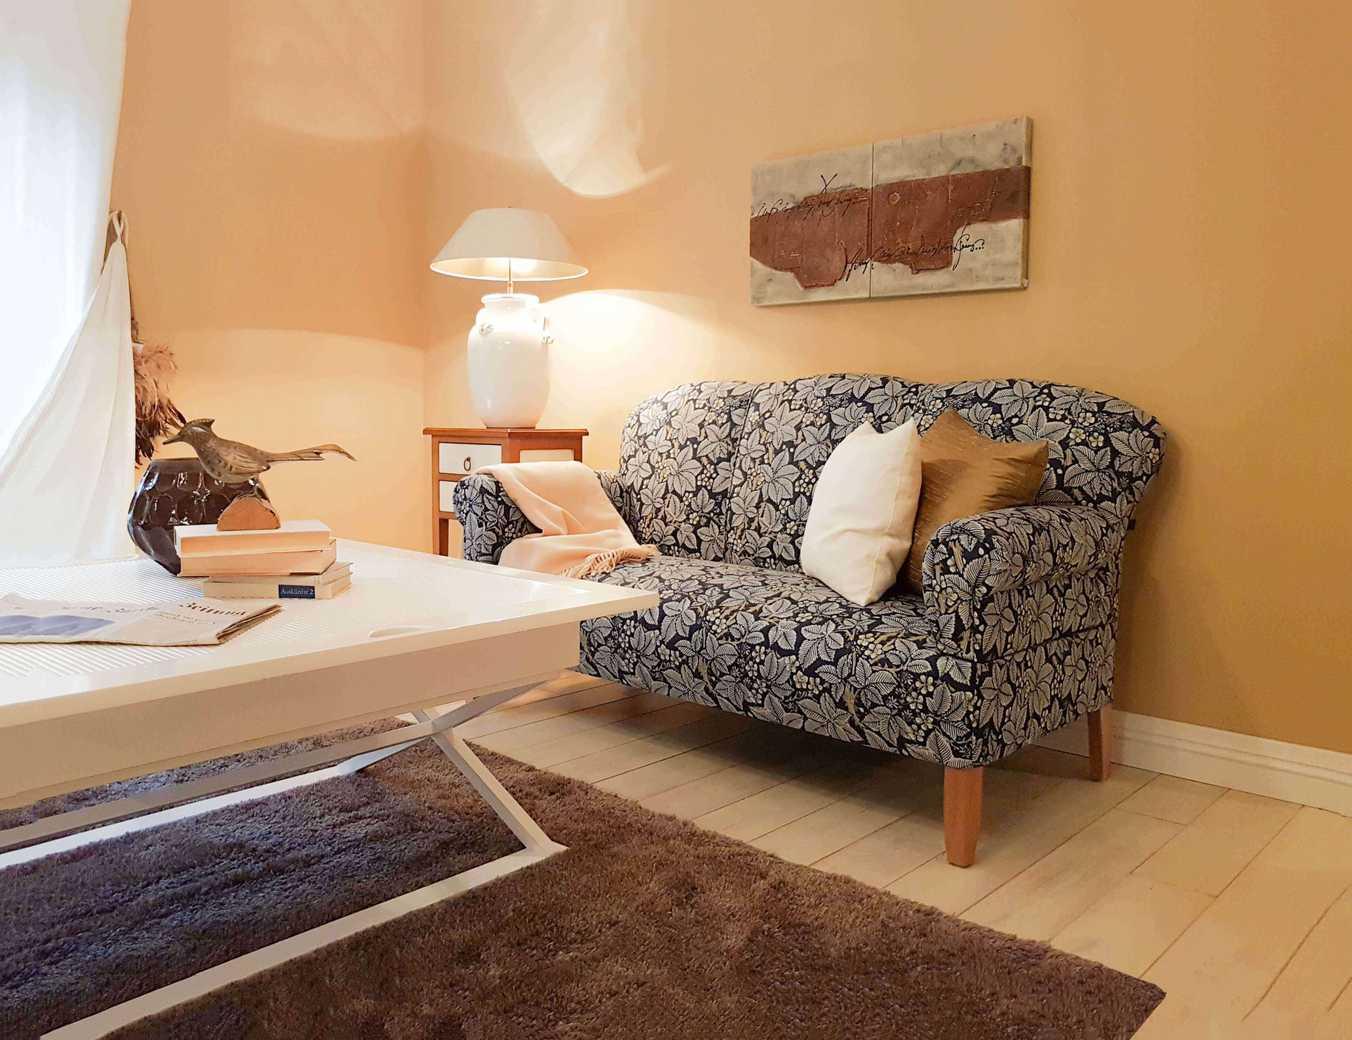 sensa einrichtungshaus münster räumungsverkauf ausverkauf sonderverkauf outlet möbelhaus möbelgeschäft